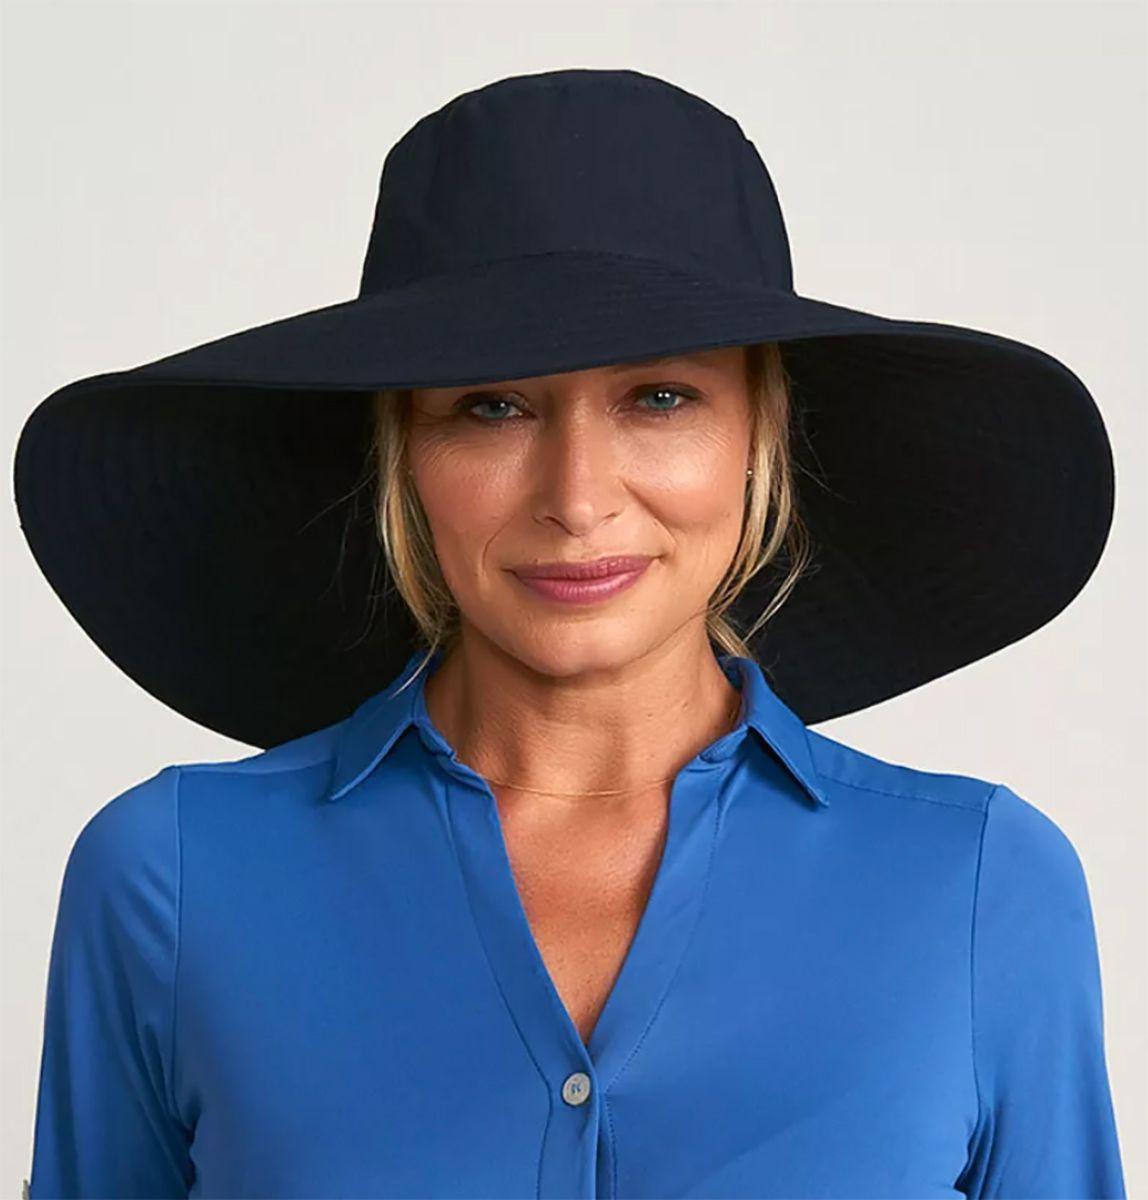 UV LINE Chapéu Beverly Hills Feminino Proteção Solar